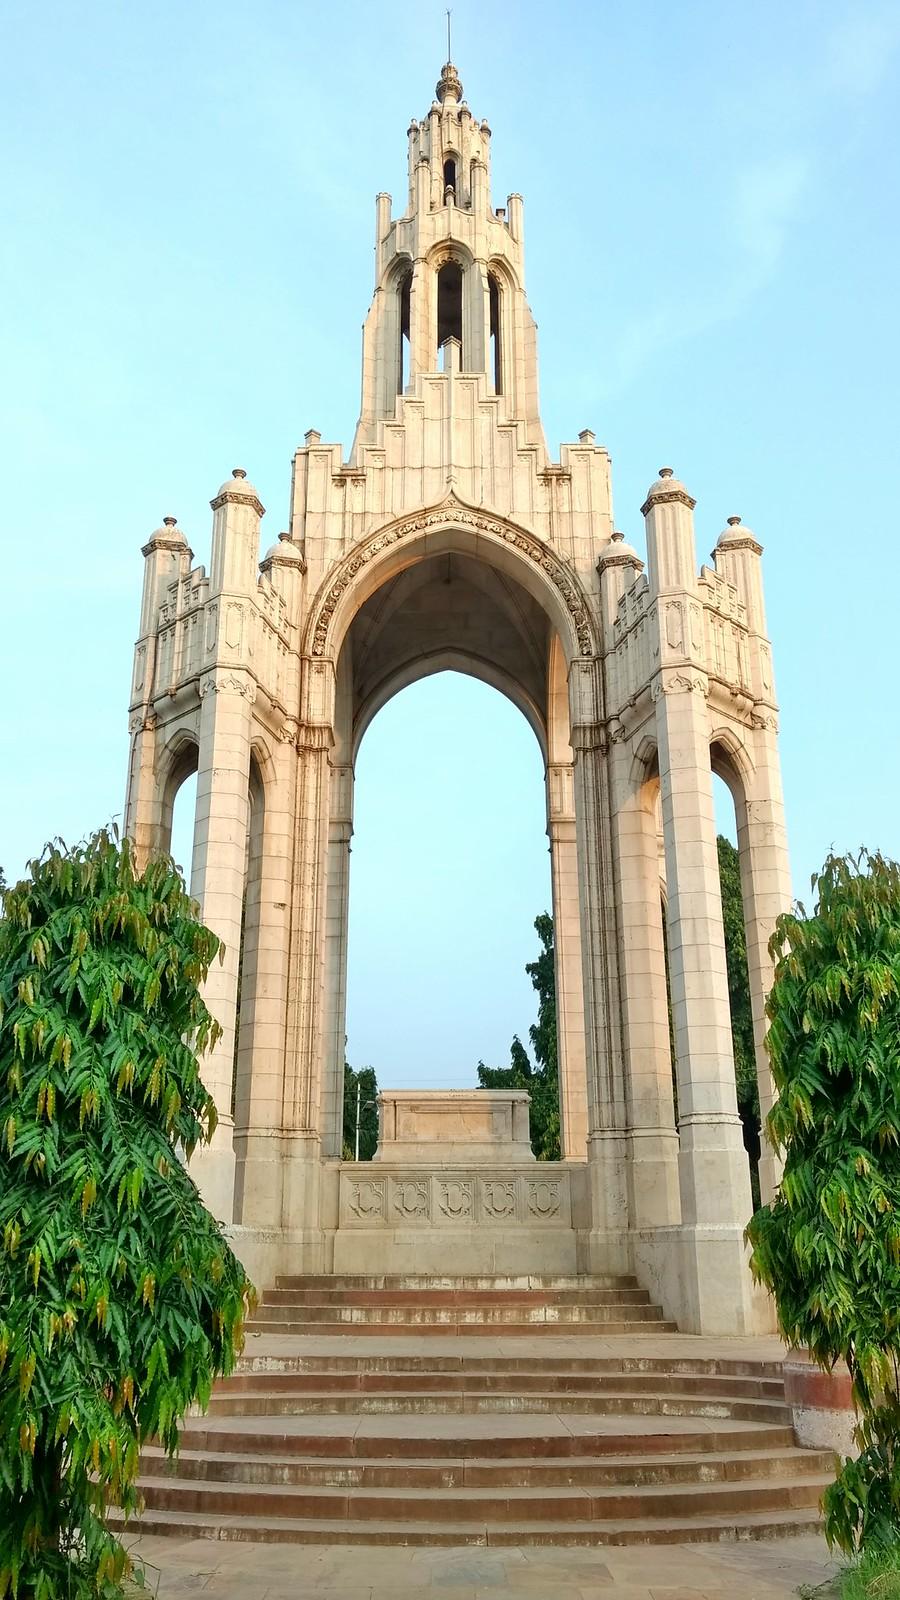 Victoria Memorial, Allahabad